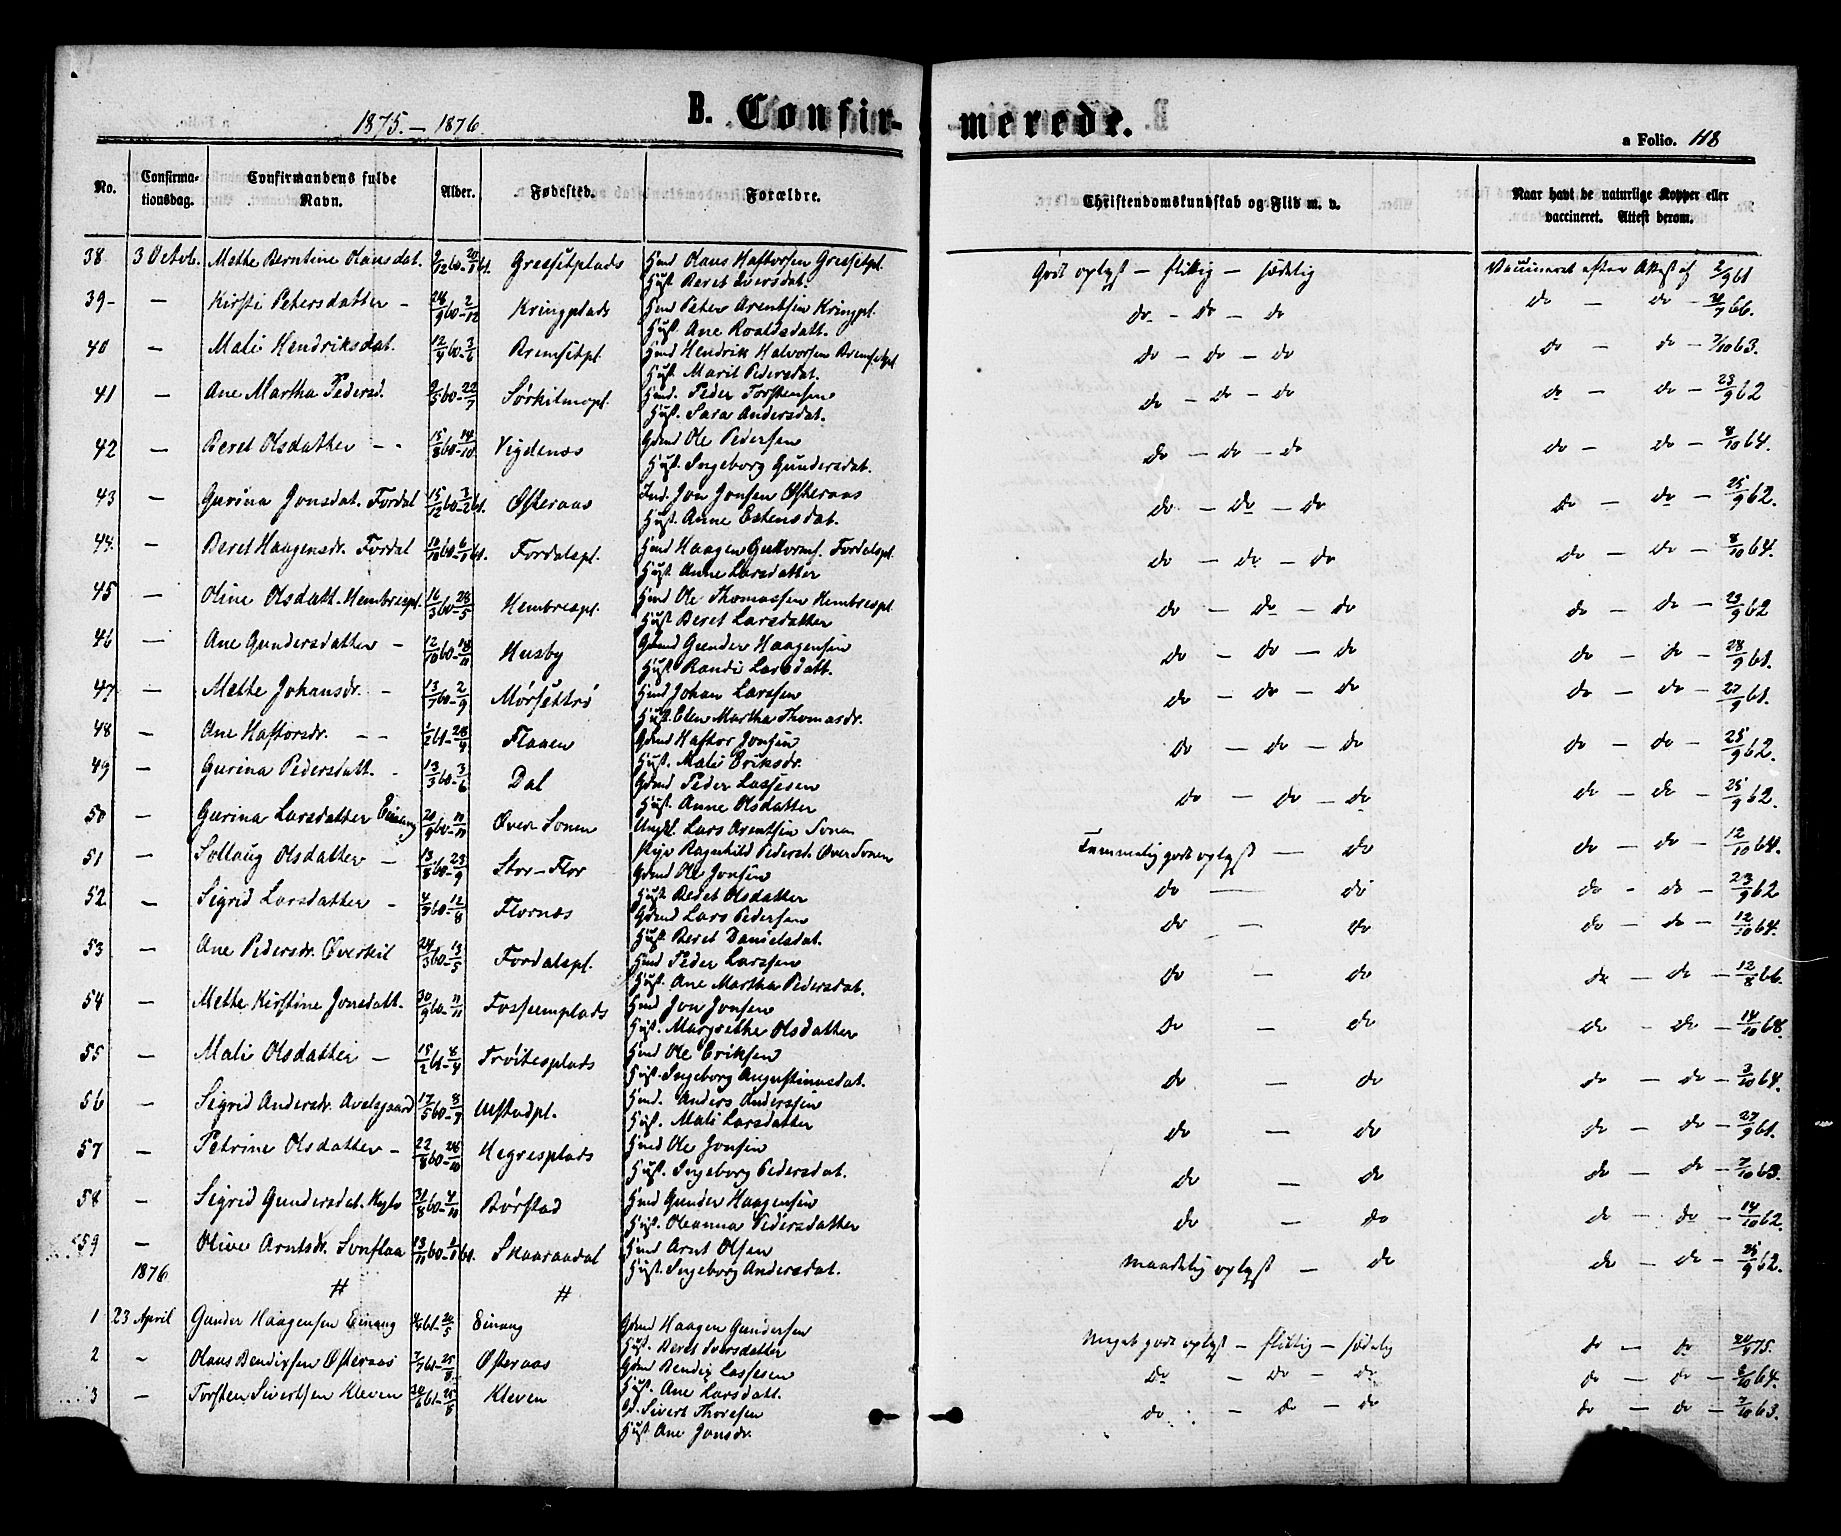 SAT, Ministerialprotokoller, klokkerbøker og fødselsregistre - Nord-Trøndelag, 703/L0029: Ministerialbok nr. 703A02, 1863-1879, s. 118